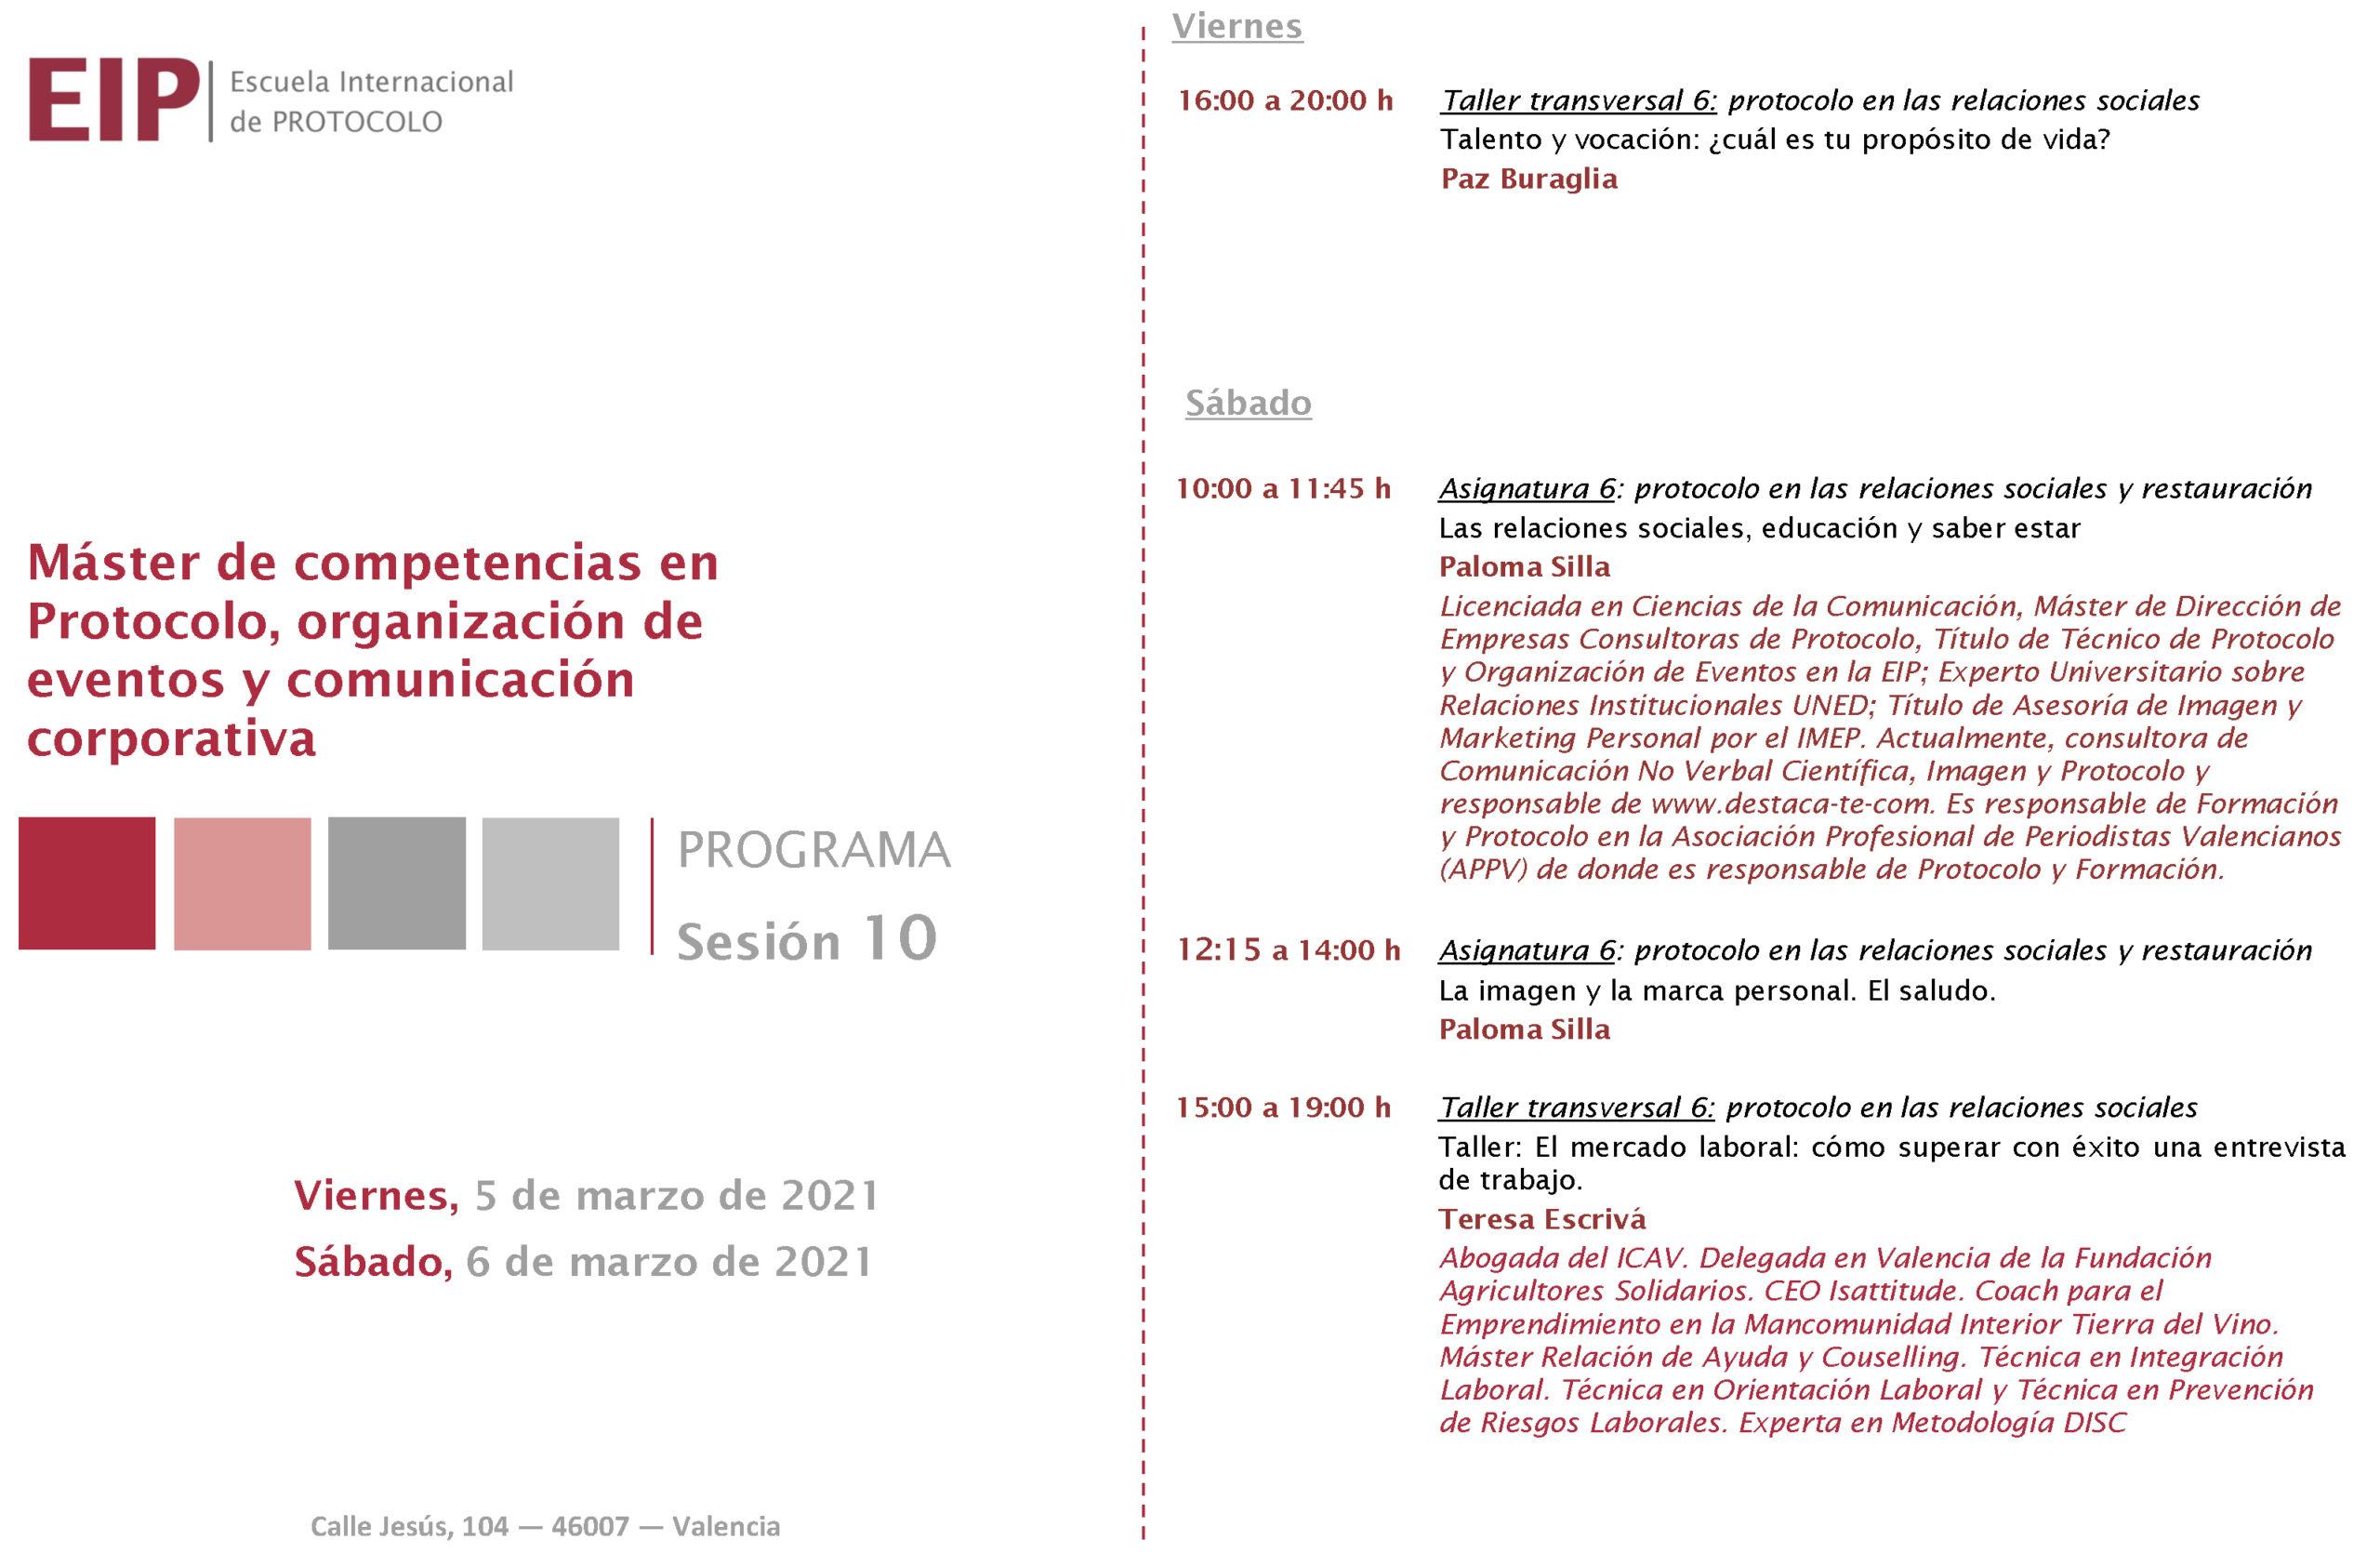 Escuela Internacional de Protocolo Valencia EIP Protocolo Social Paloma Silla Destáca-te Marca Personal Etiqueta Imagen Comunicación No Verbal programa